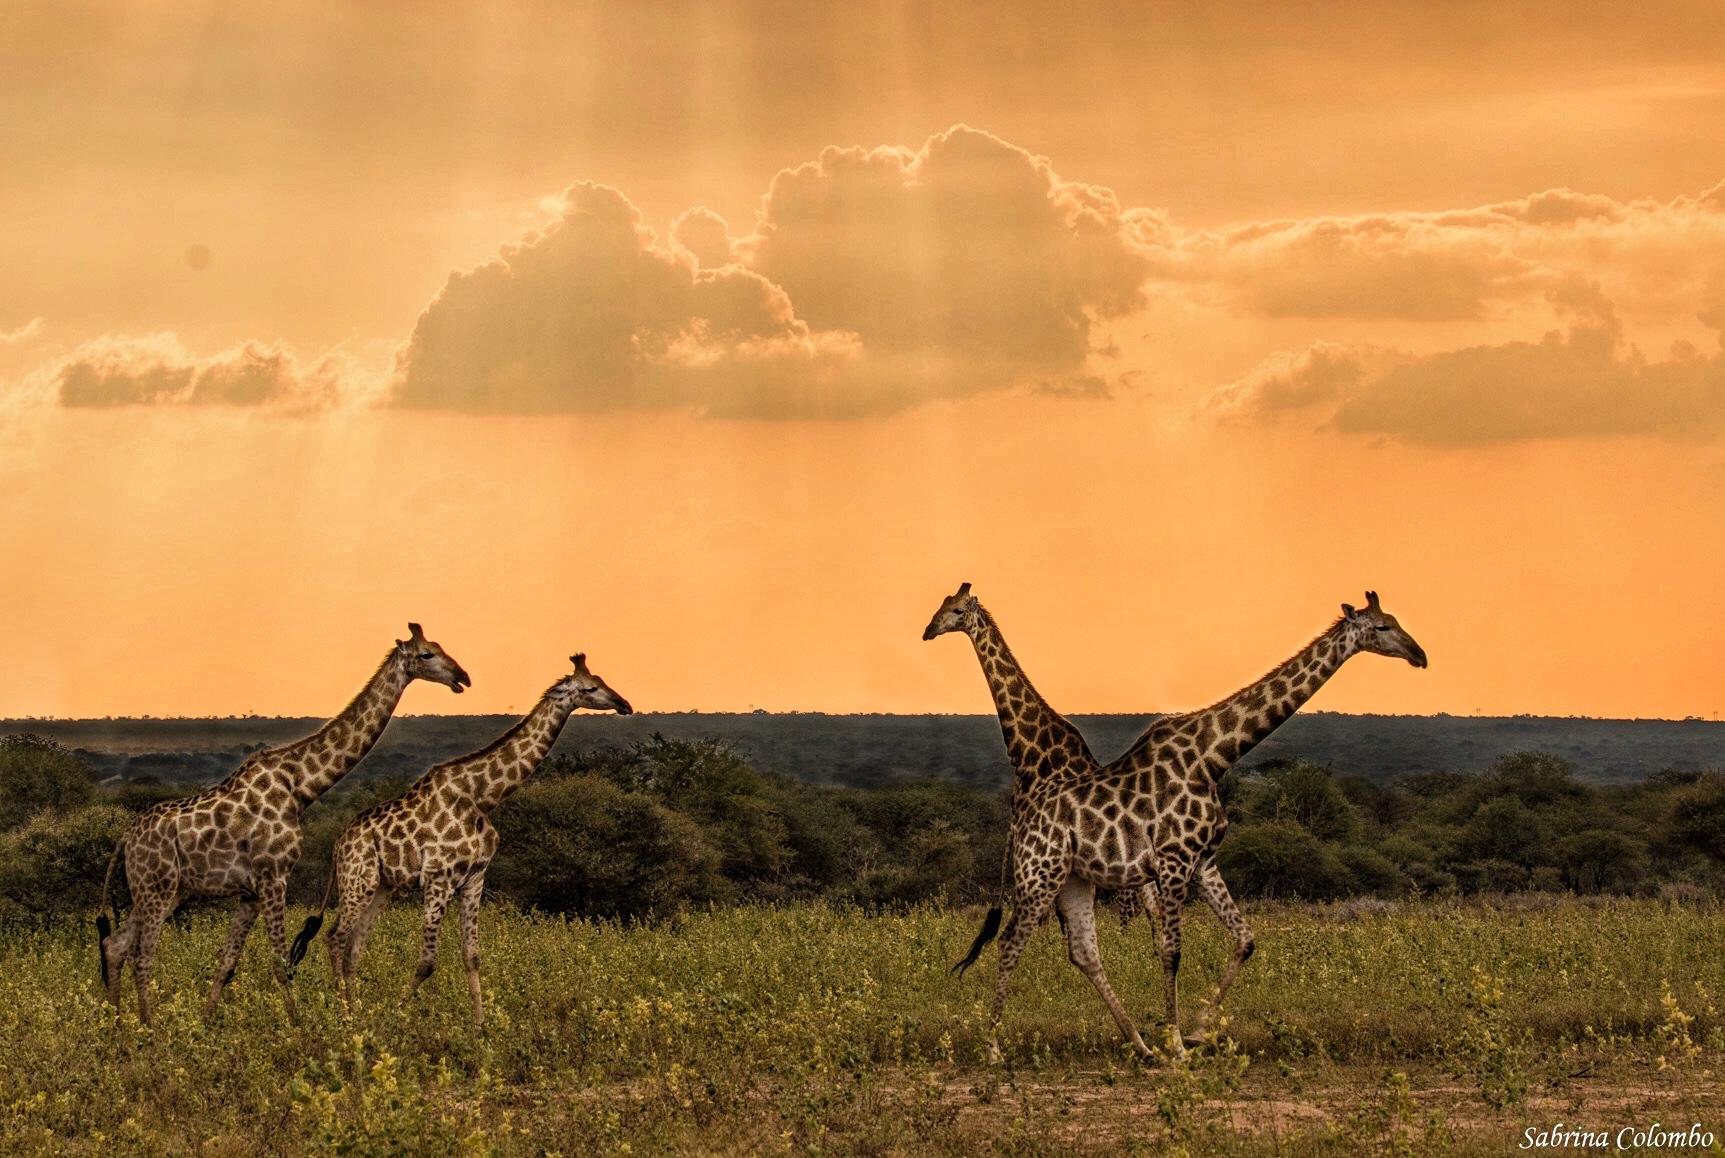 Giraffes Sabrina Colombo